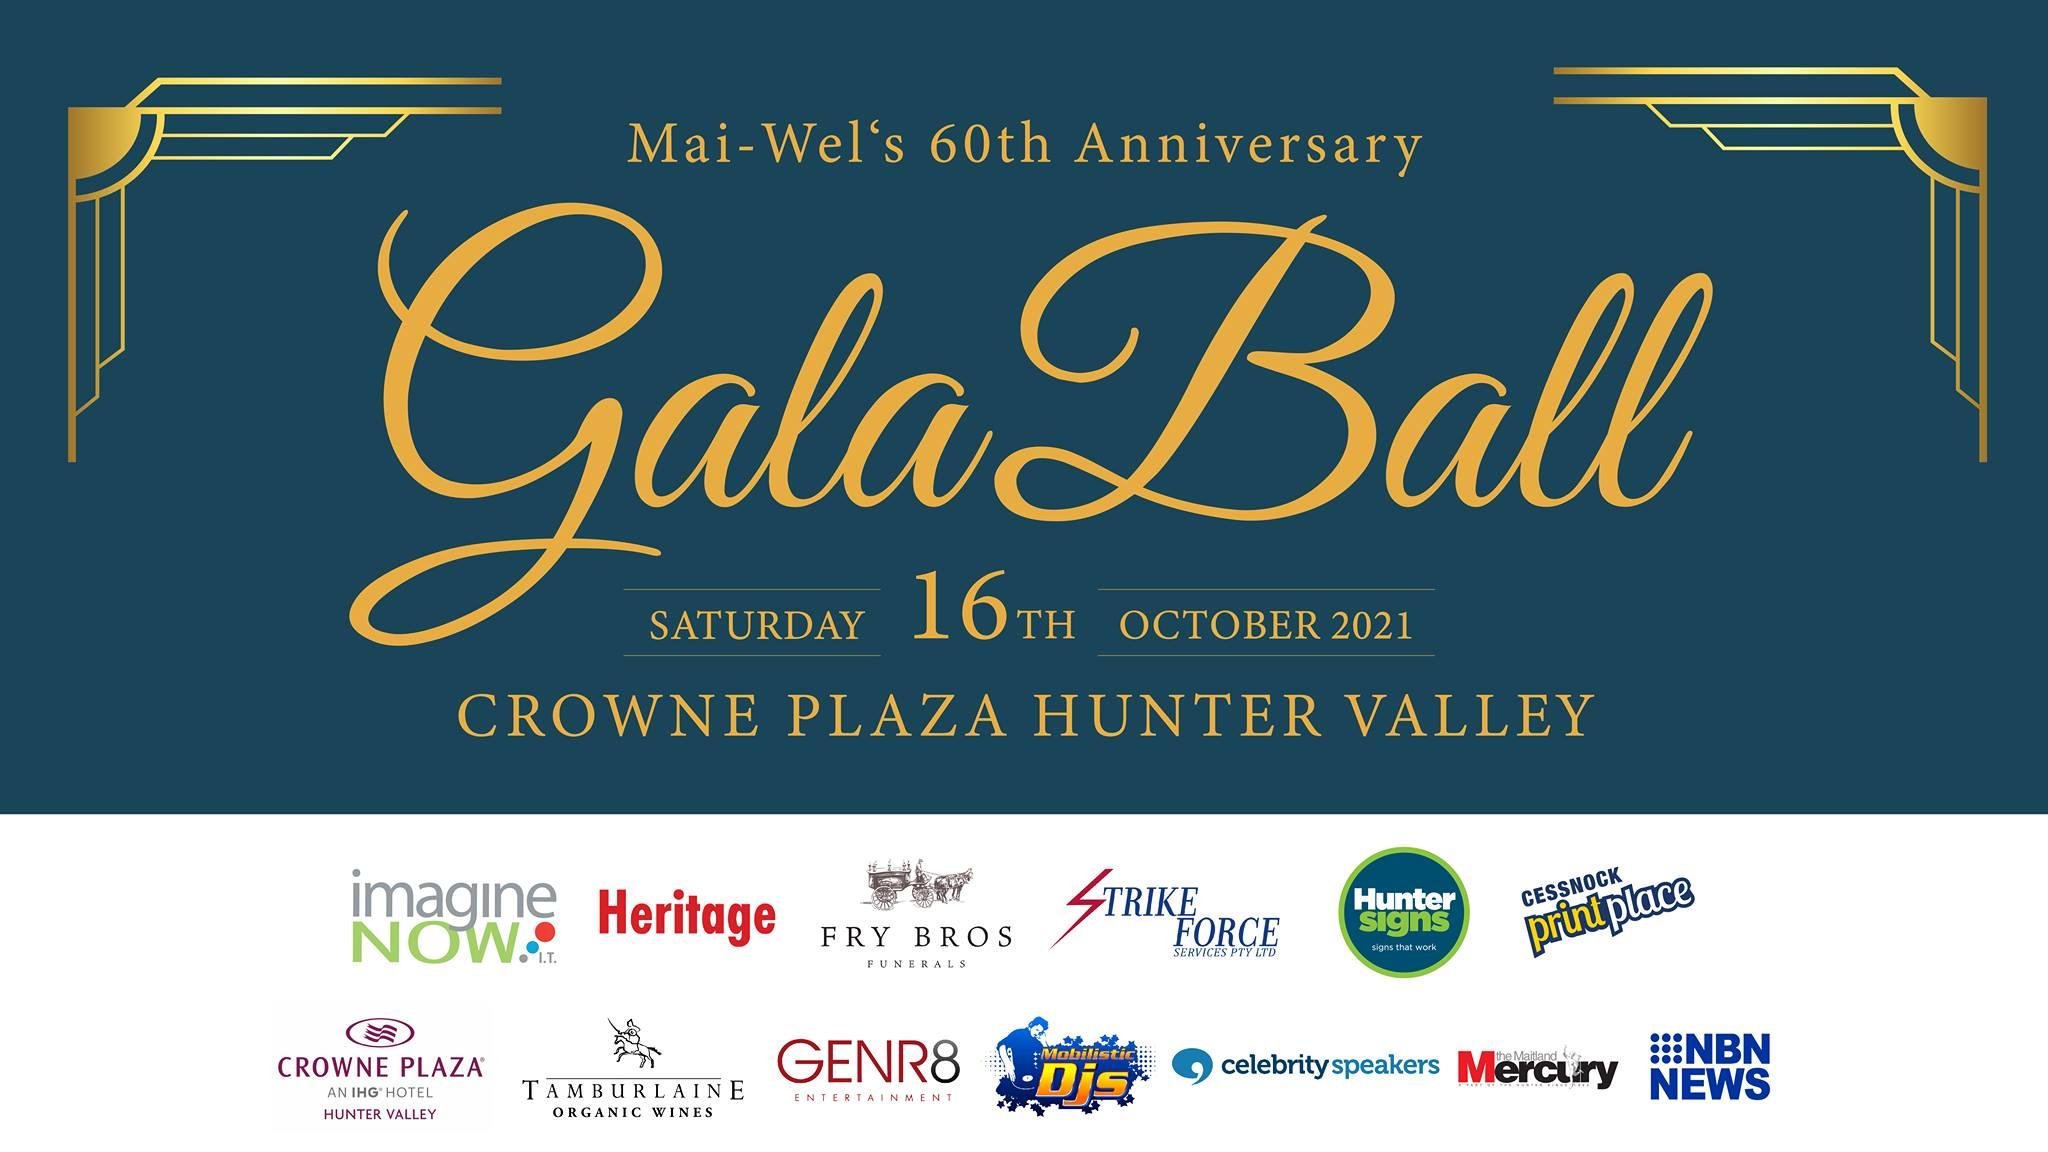 Mai-Wel's 10th Annual Gala Ball